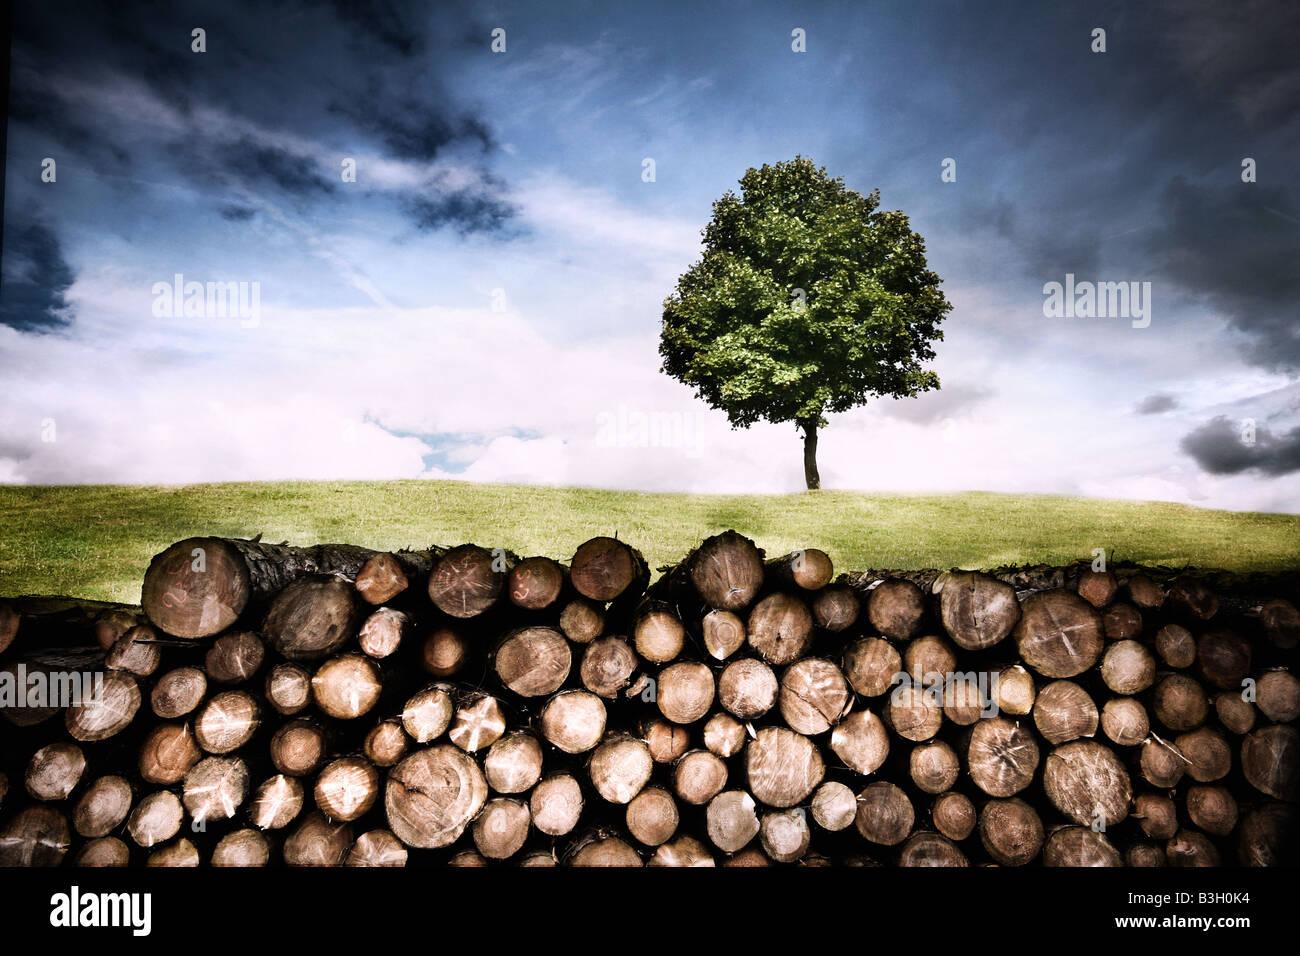 Un arbre isolé derrière une pile de journaux Photo Stock